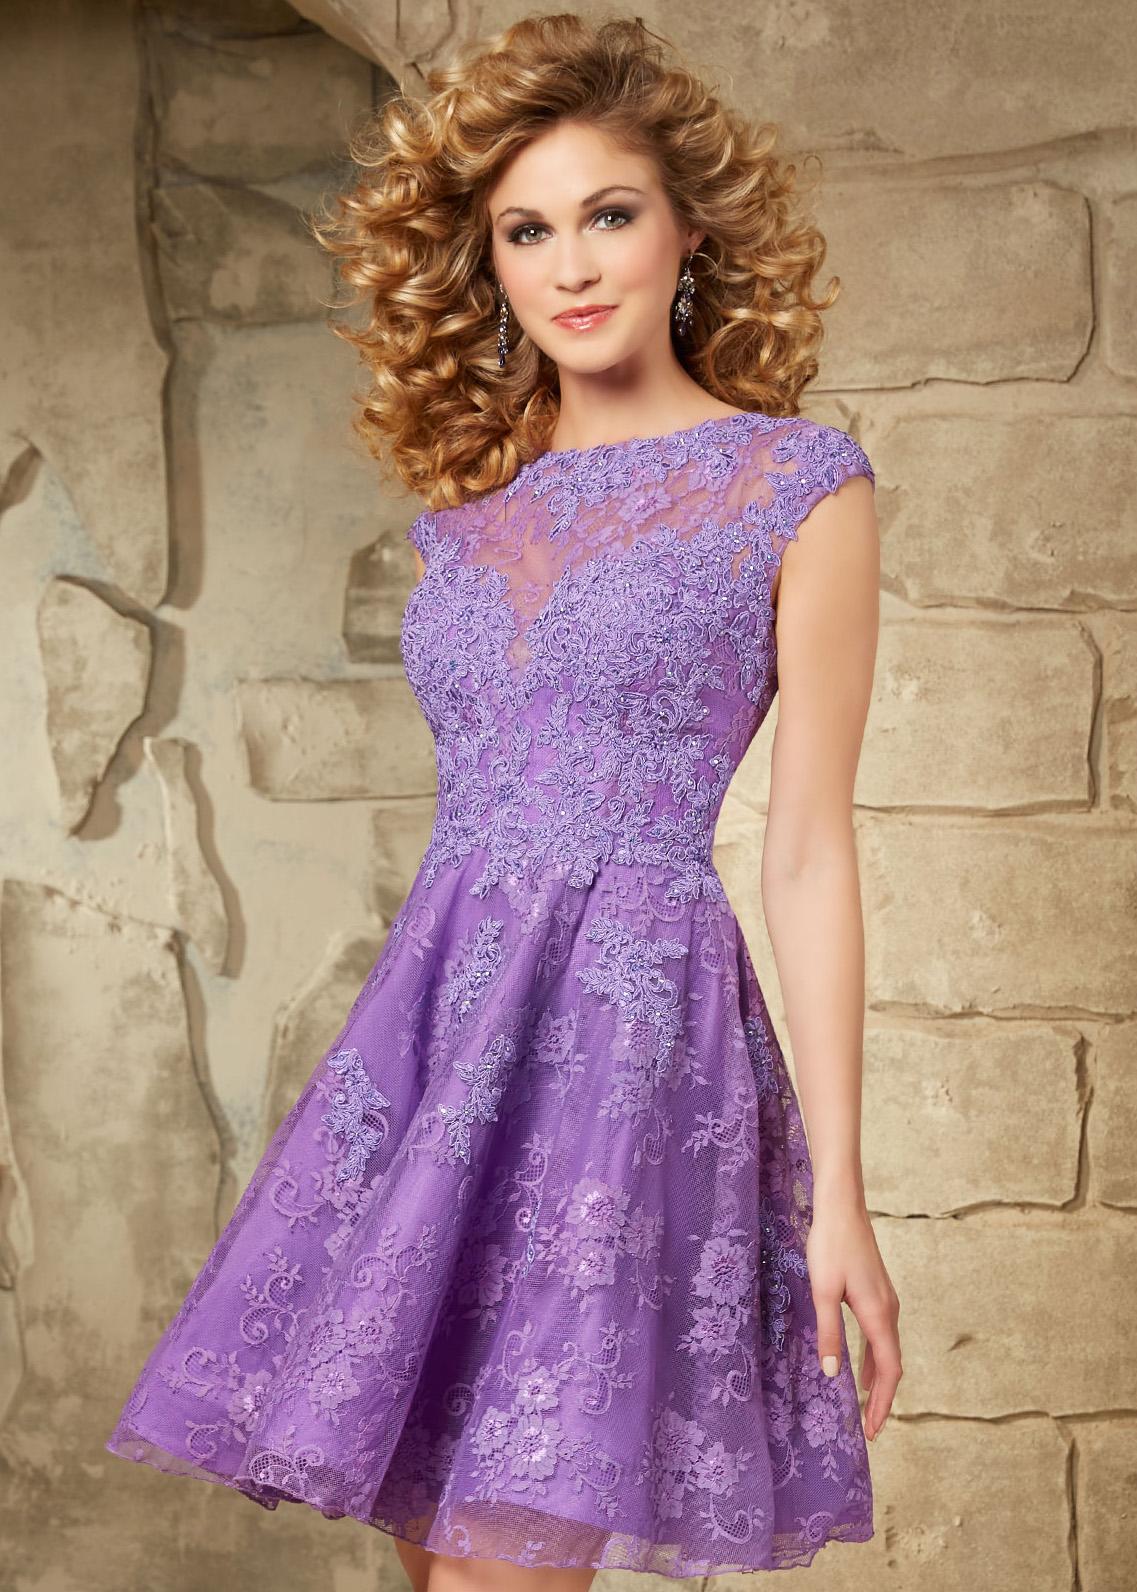 Da Color Sposa By FelymAle Milano Dresses Low Cost Block Abiti rdxshBtQC